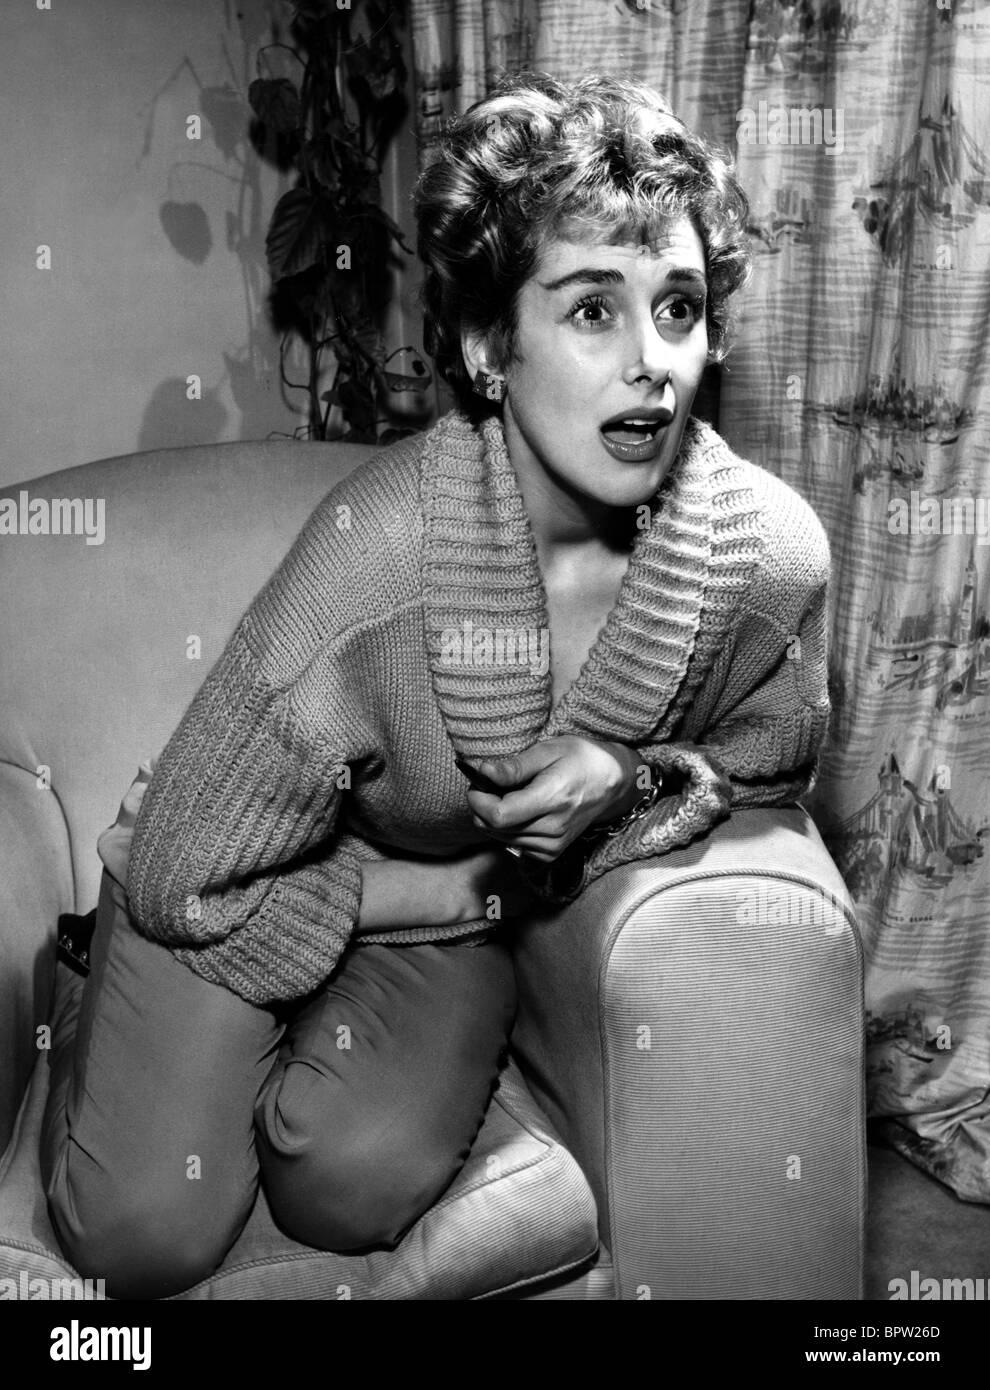 KAY KENDALL ACTRESS (1955) - Stock Image